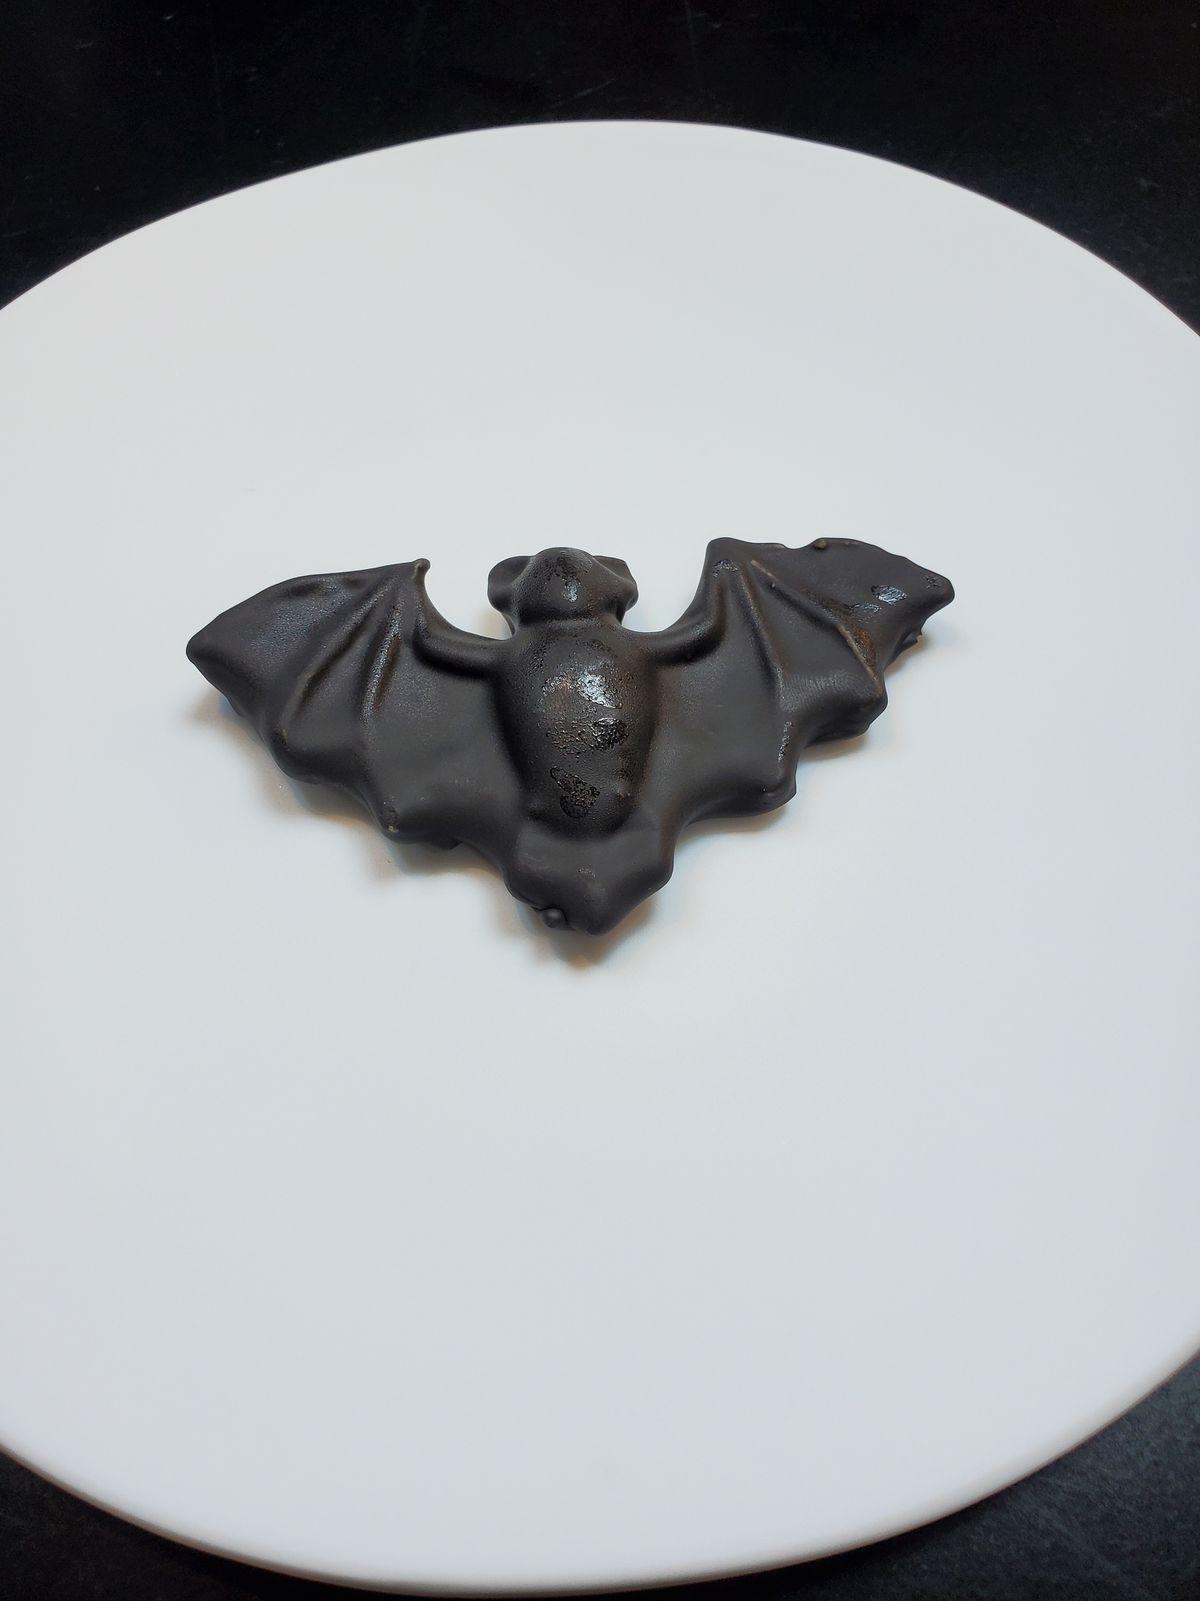 Bat - viva Ozzy Osbourne